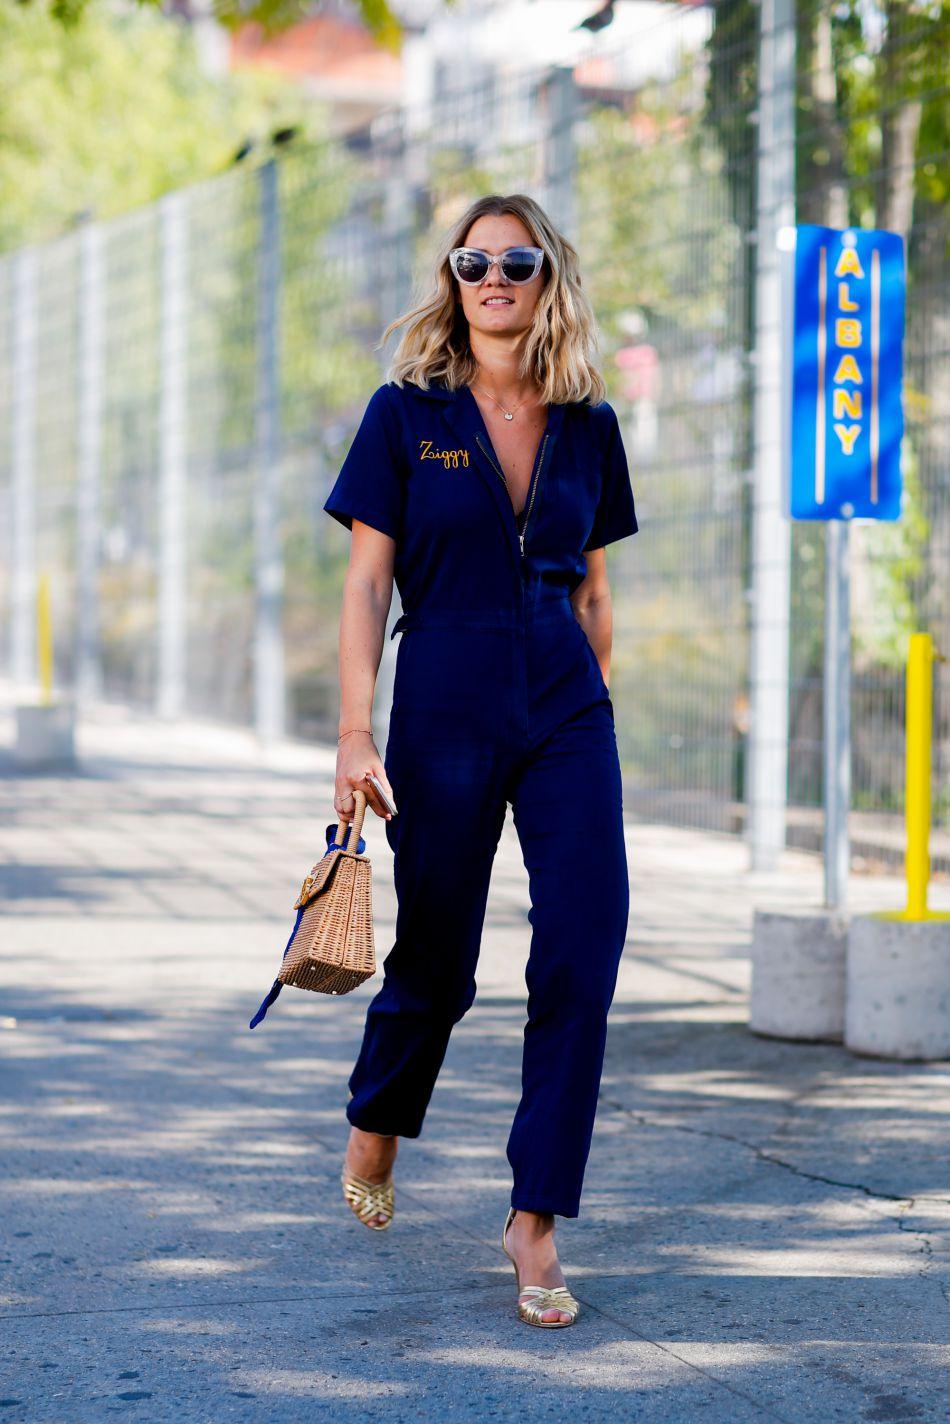 La blogueuse Adénorah mise sur une combinaison bleue très audacieuse.